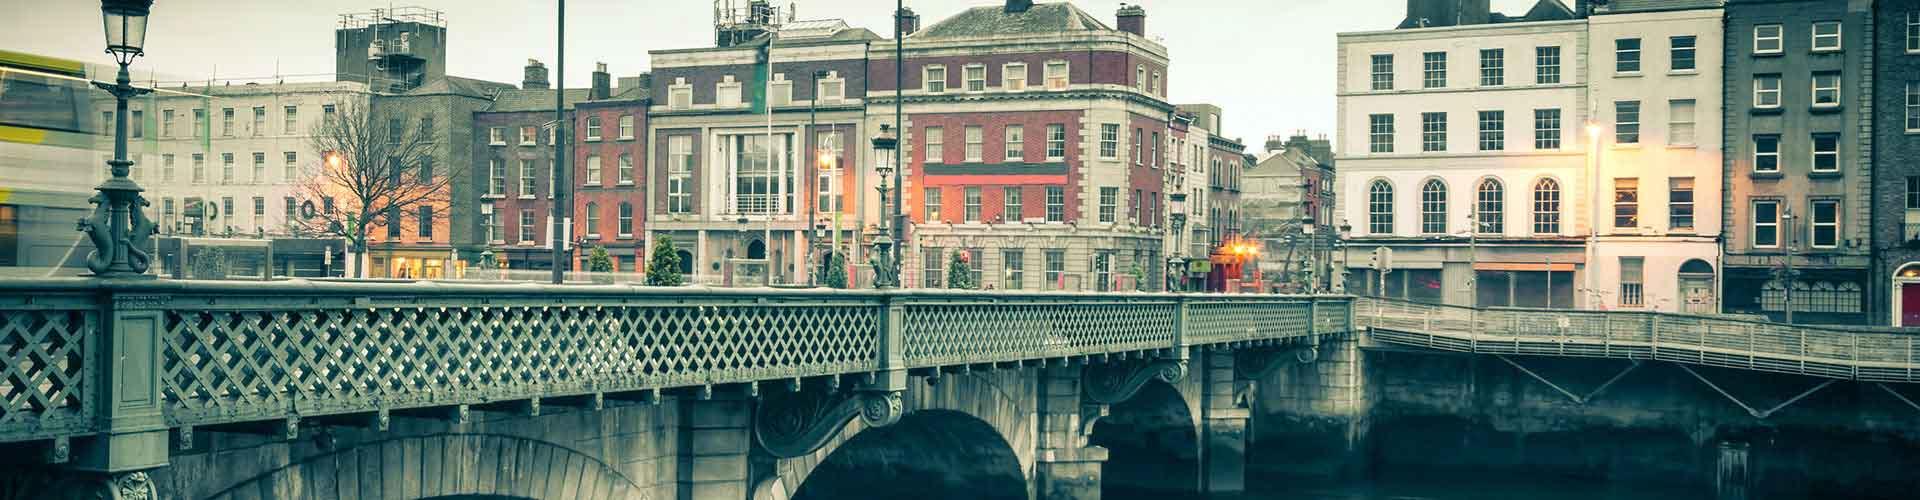 Dublin - Auberges de jeunesse dans le quartier de Pembroke. Cartes pour Dublin, photos et commentaires pour chaque auberge de jeunesse à Dublin.